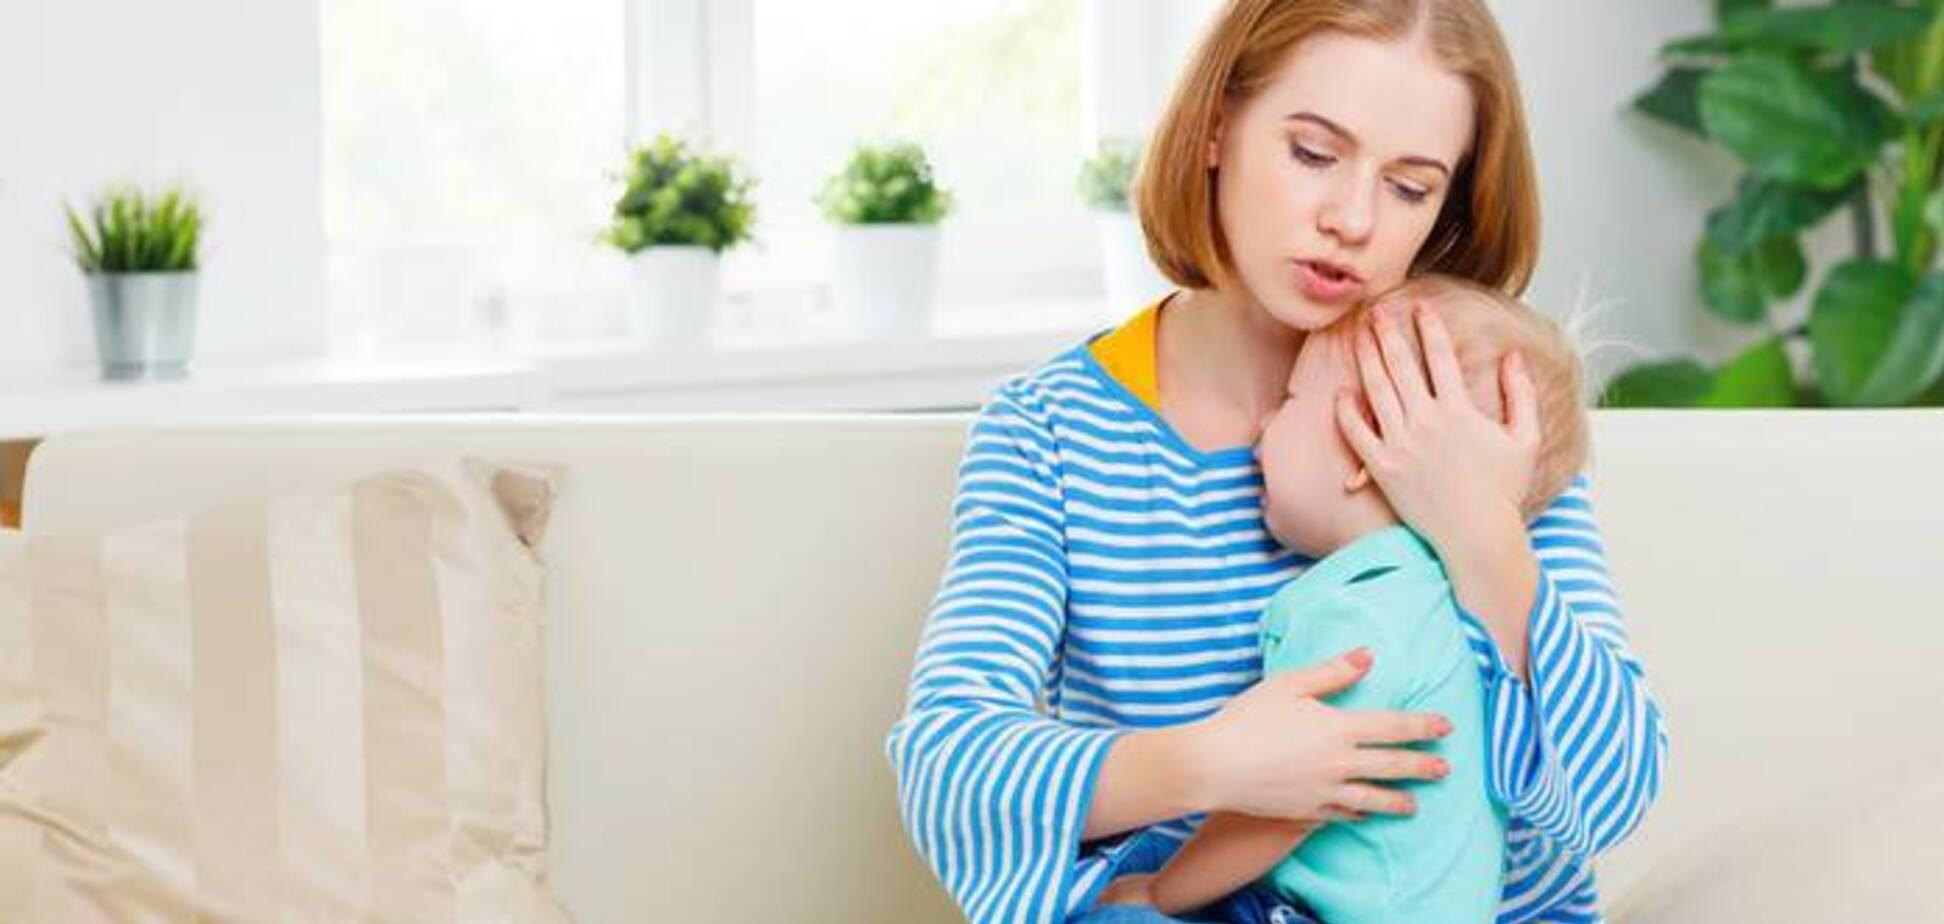 Названі 'корисні' ритуали, які калічать дітей